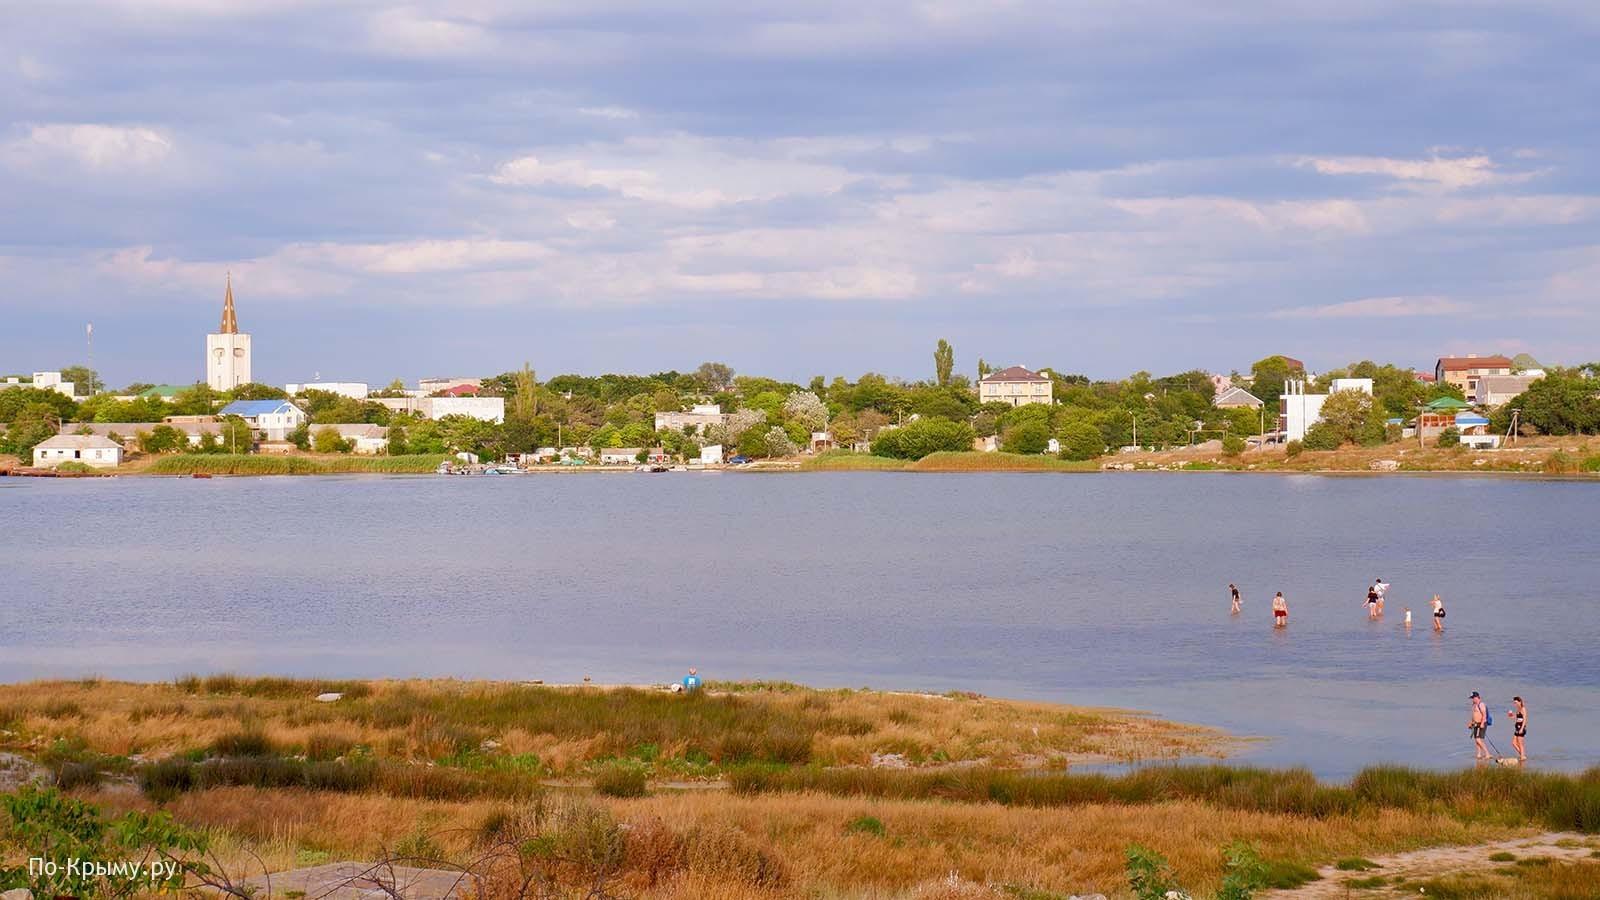 Бухта Узкая, пгт Черноморское, Крым